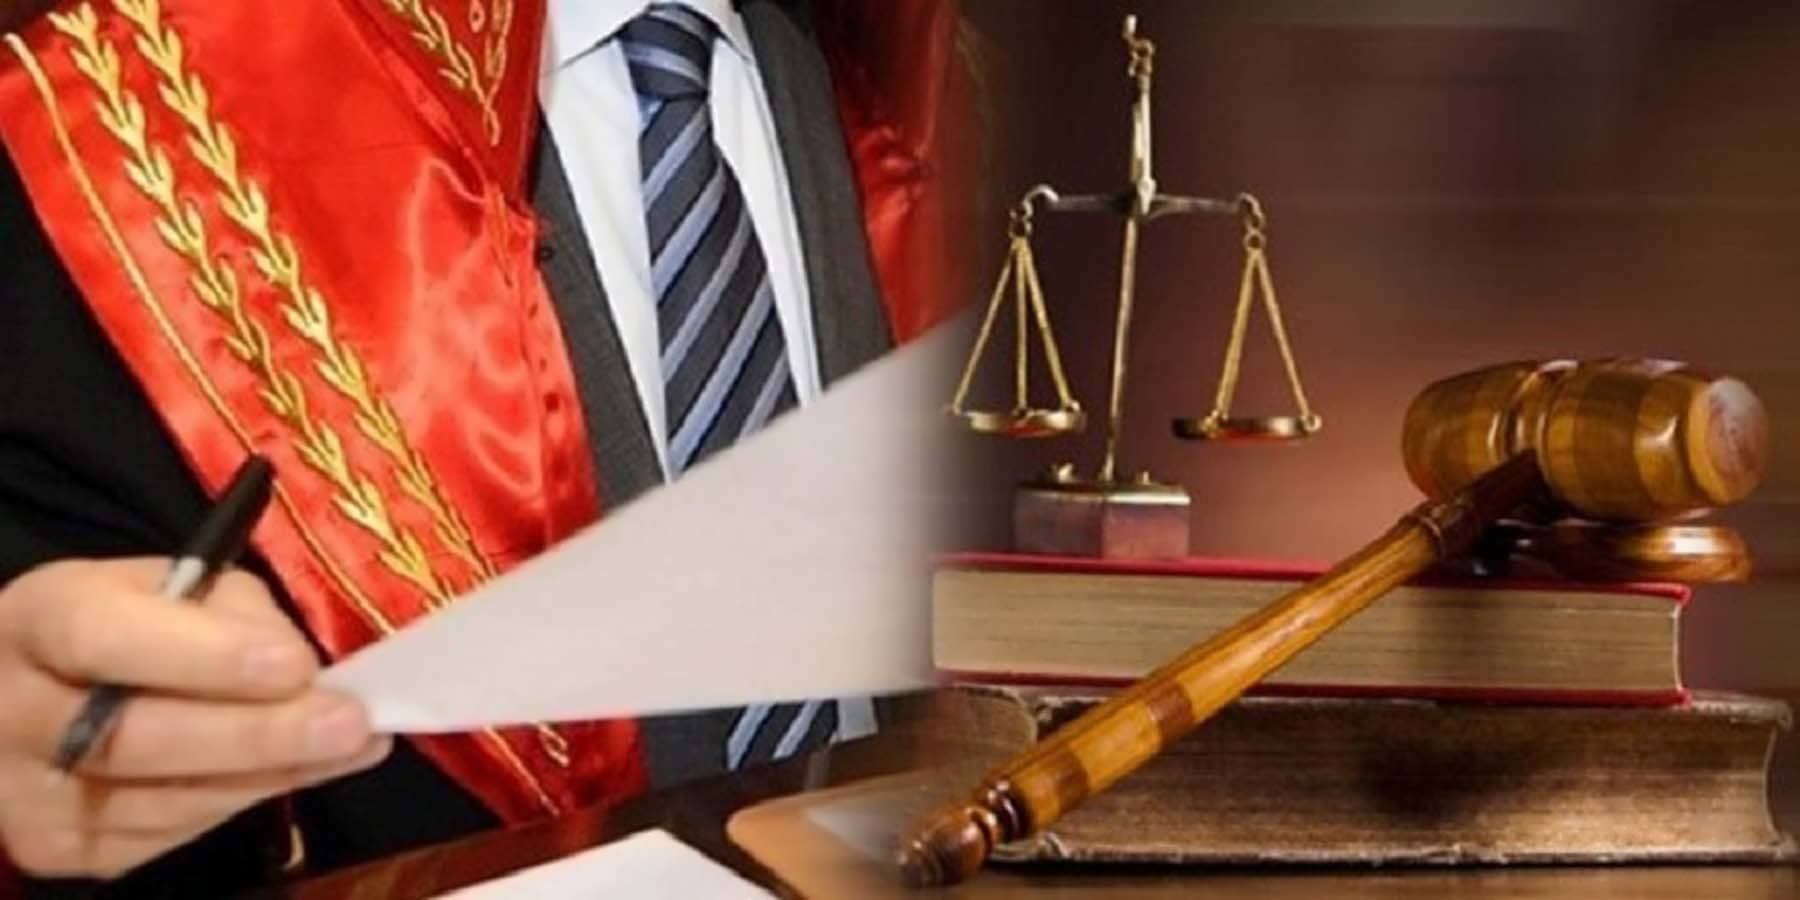 HSK Meslekten Çıkarılan 15 Hakim Ve Savcının Başvurusunu Reddetti